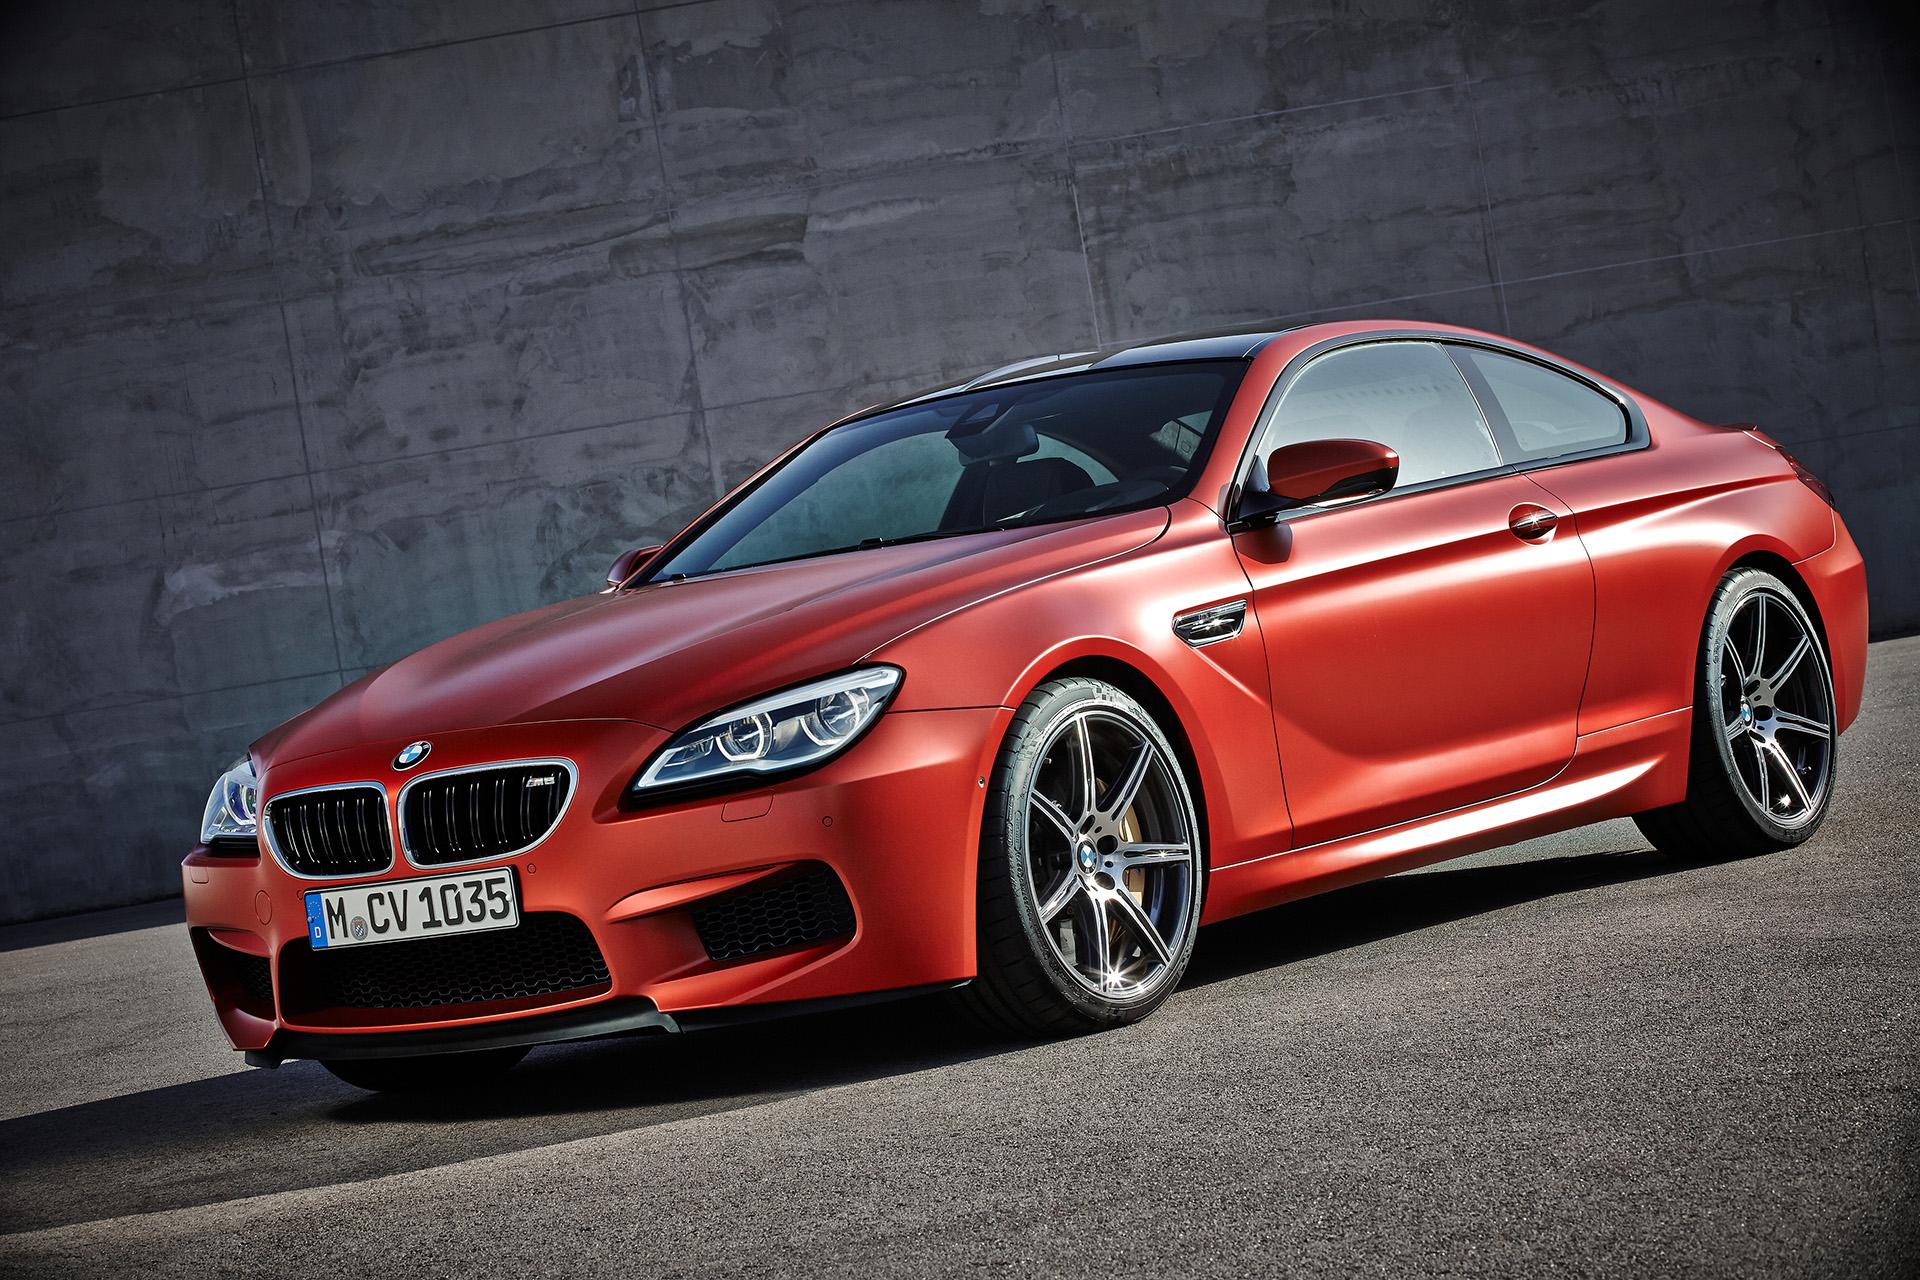 Temukan listing mobil bekas terbaru & murah dengan harga terbaik hanya di olx pusat mobil bekas terlengkap. BMW History: The 6 Series and M6 family